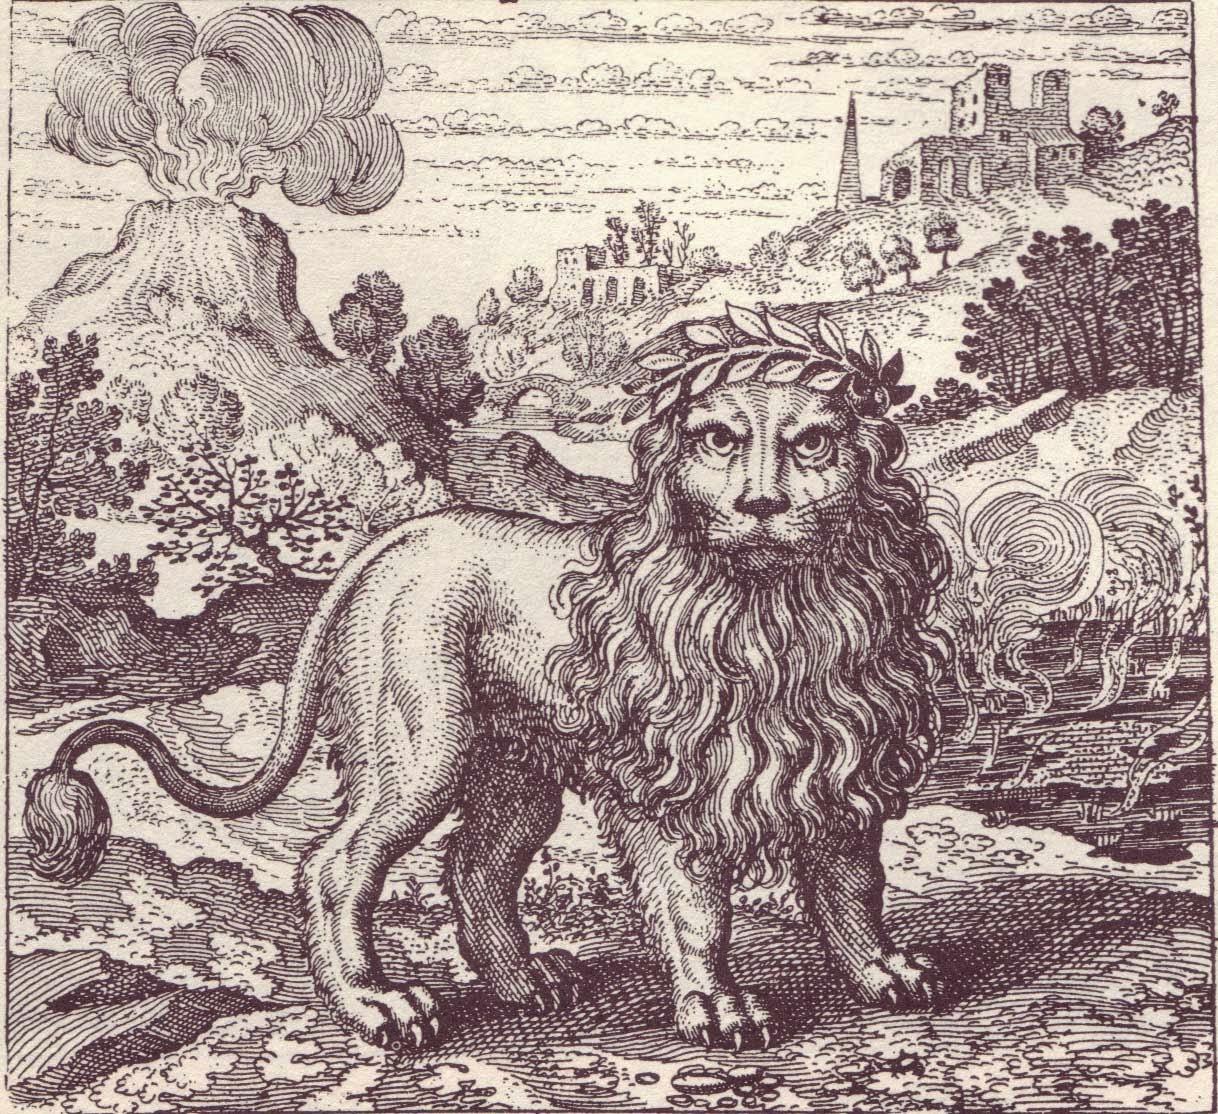 Emblema 37 de La Fuga de Atalanta de Michel Maier